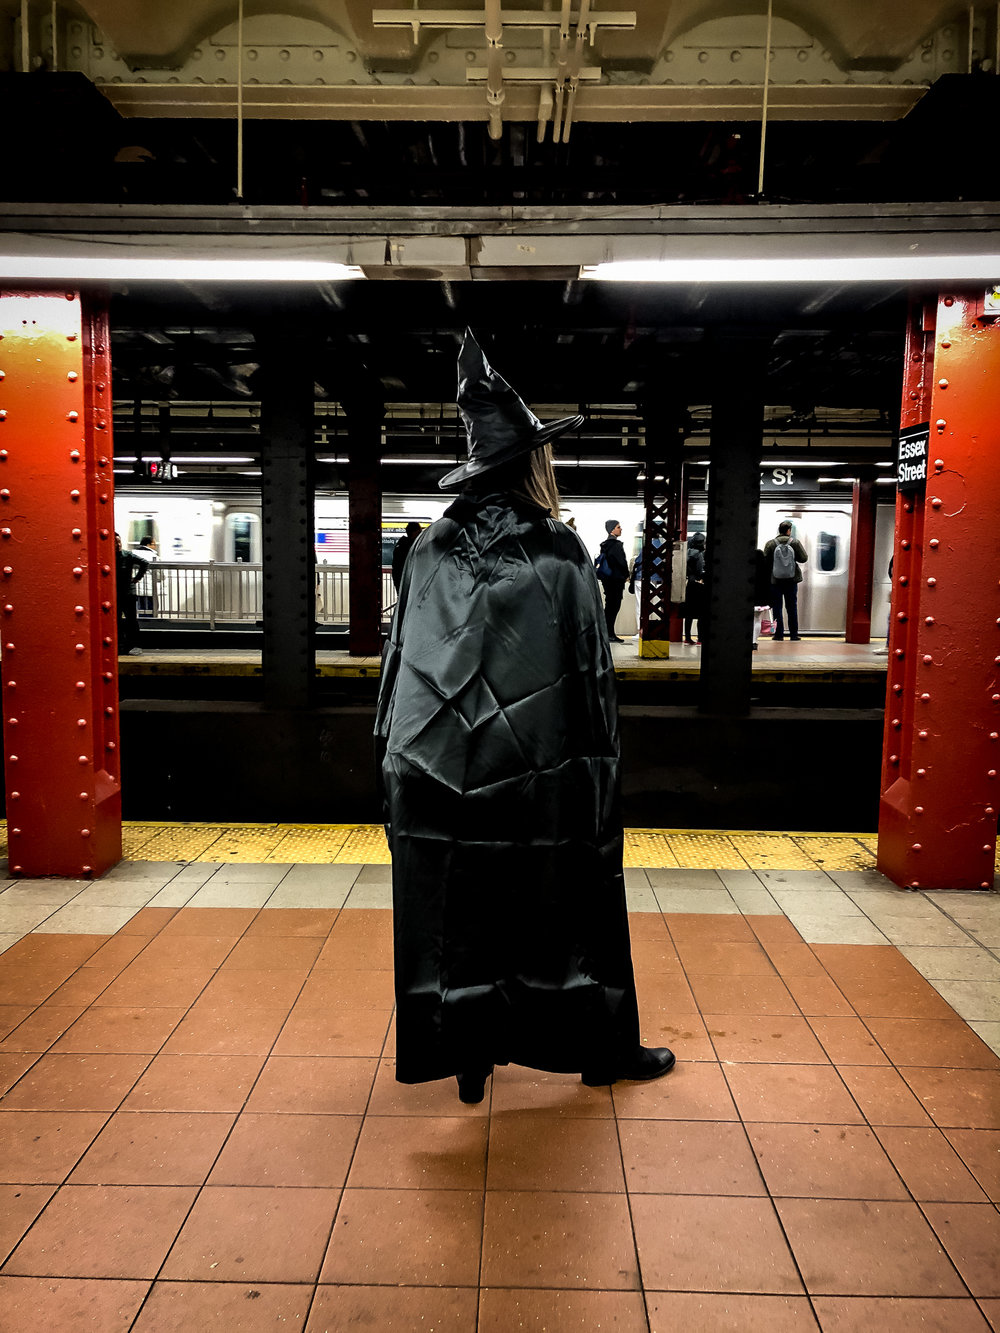 SubwayHalloween-3.jpg